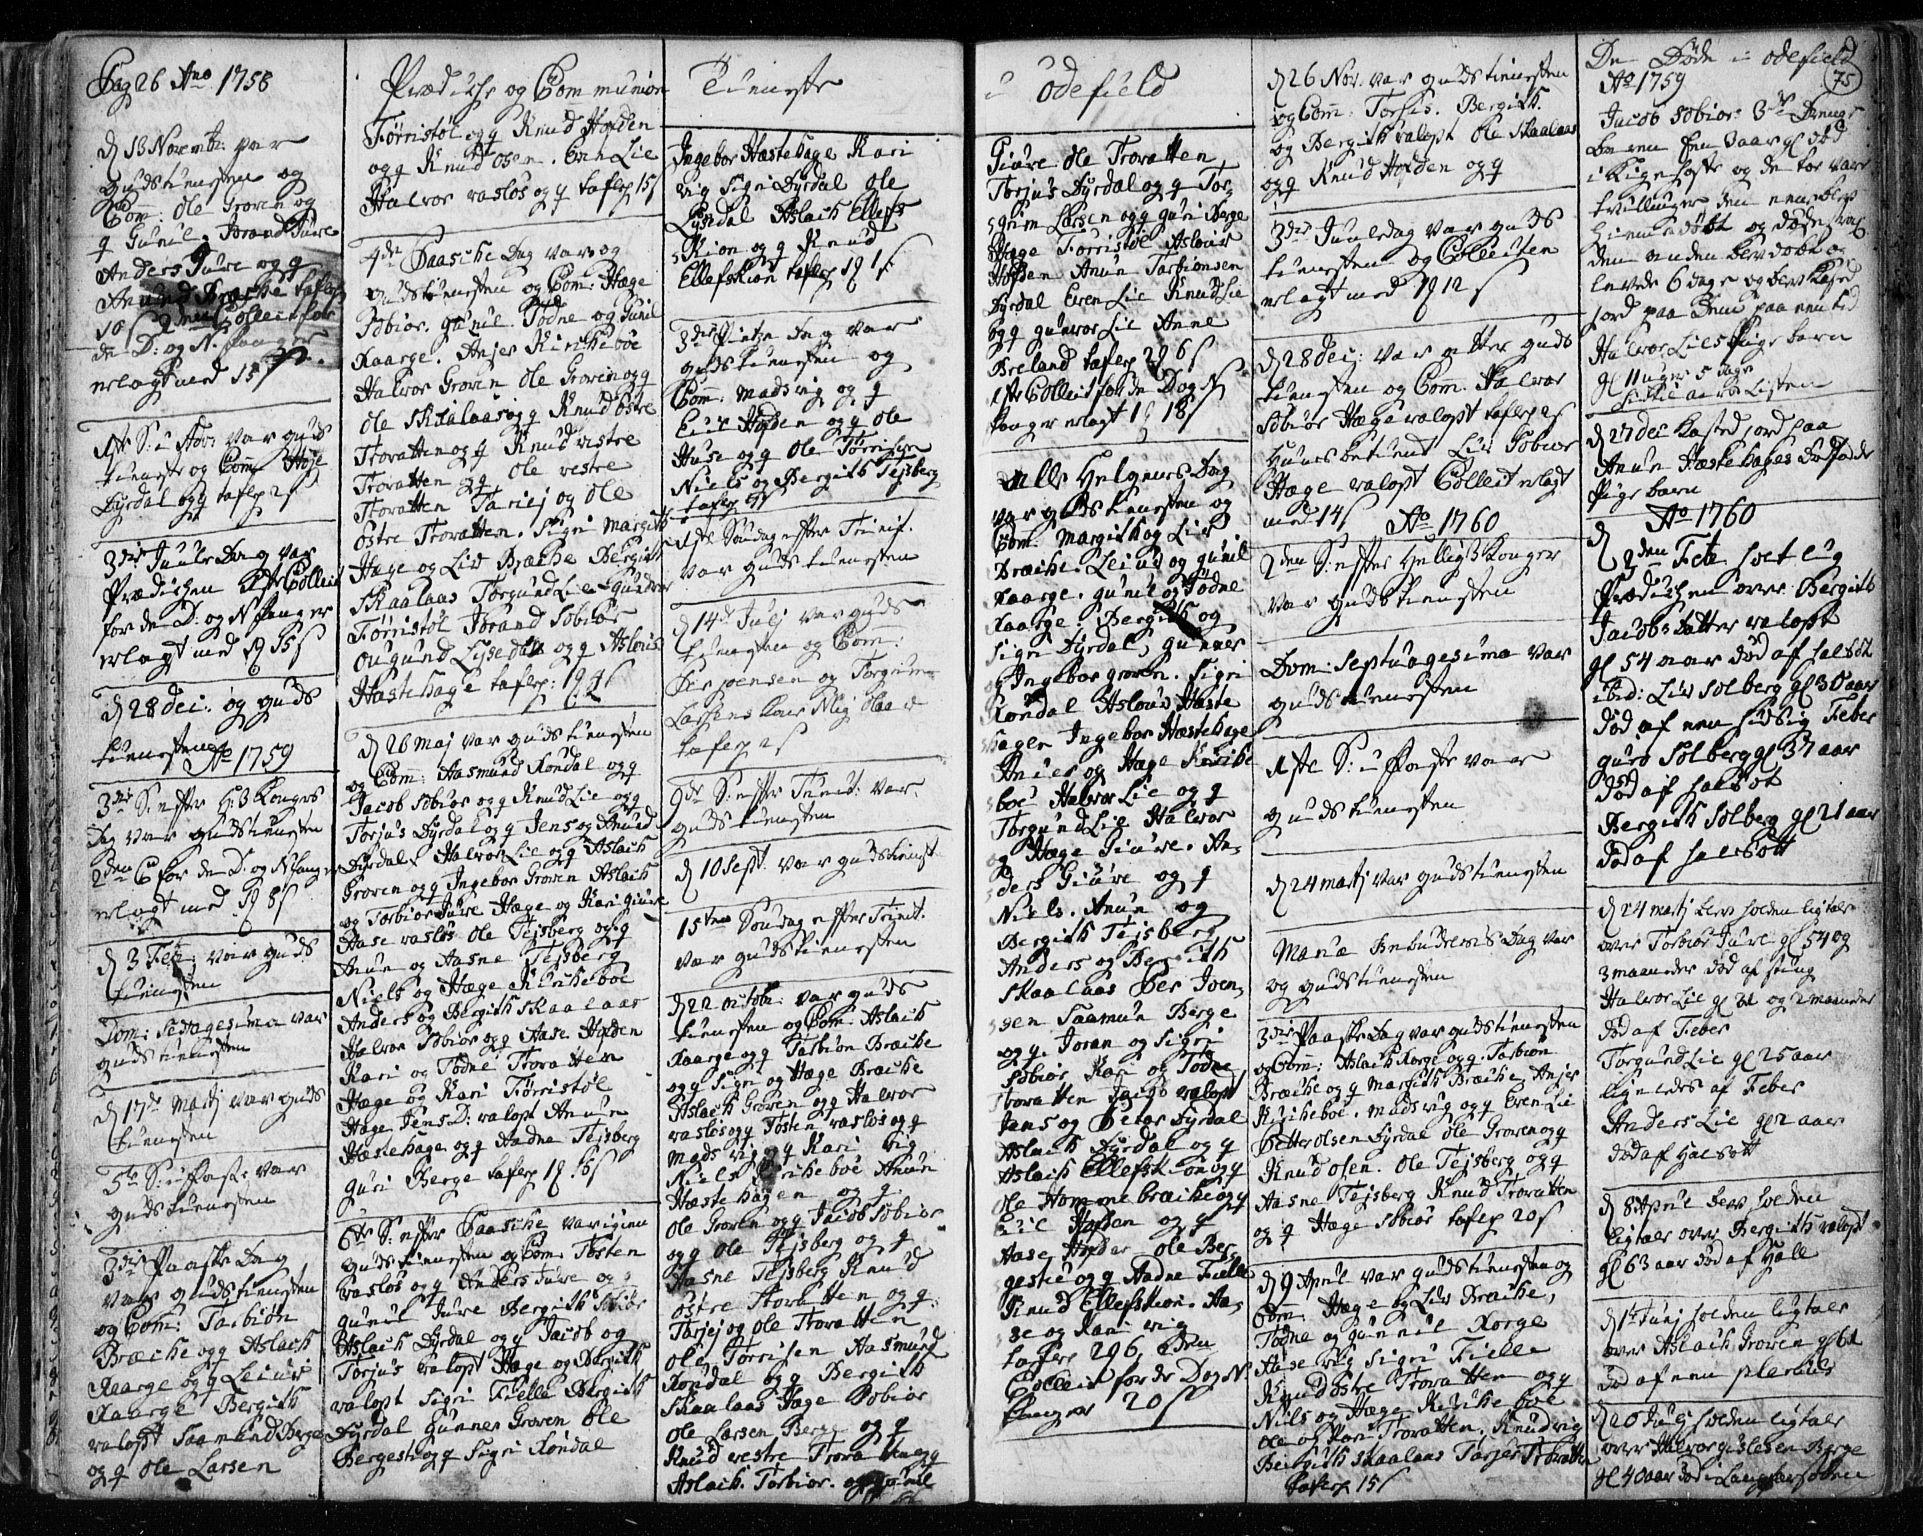 SAKO, Lårdal kirkebøker, F/Fa/L0003: Ministerialbok nr. I 3, 1754-1790, s. 75